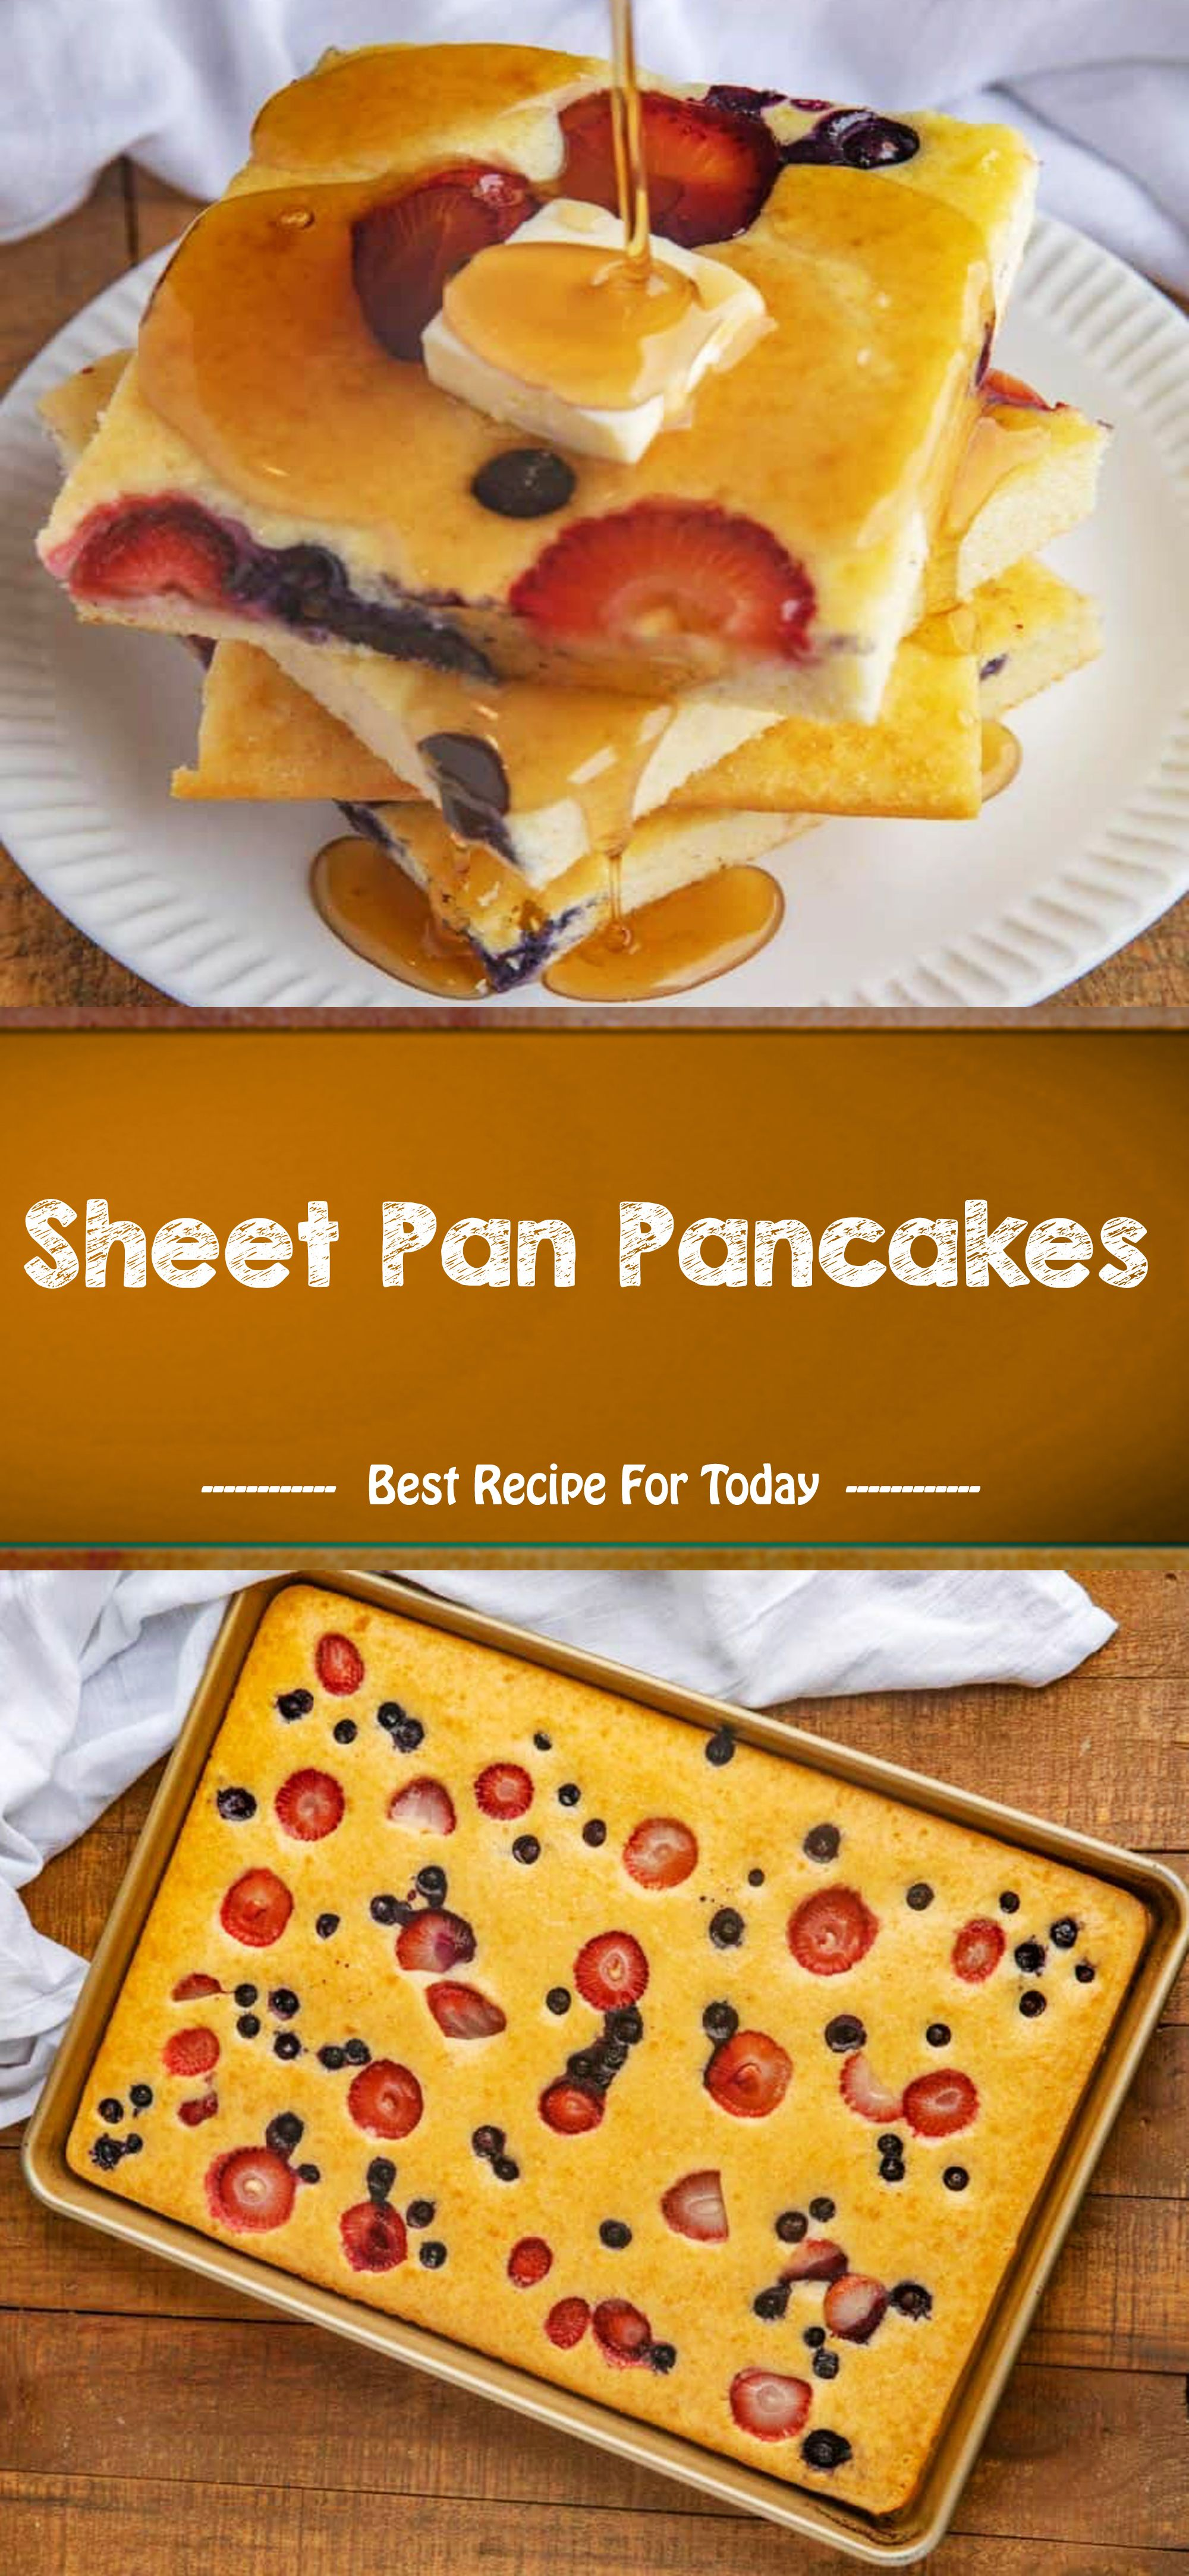 Sheet Pan Pancakes